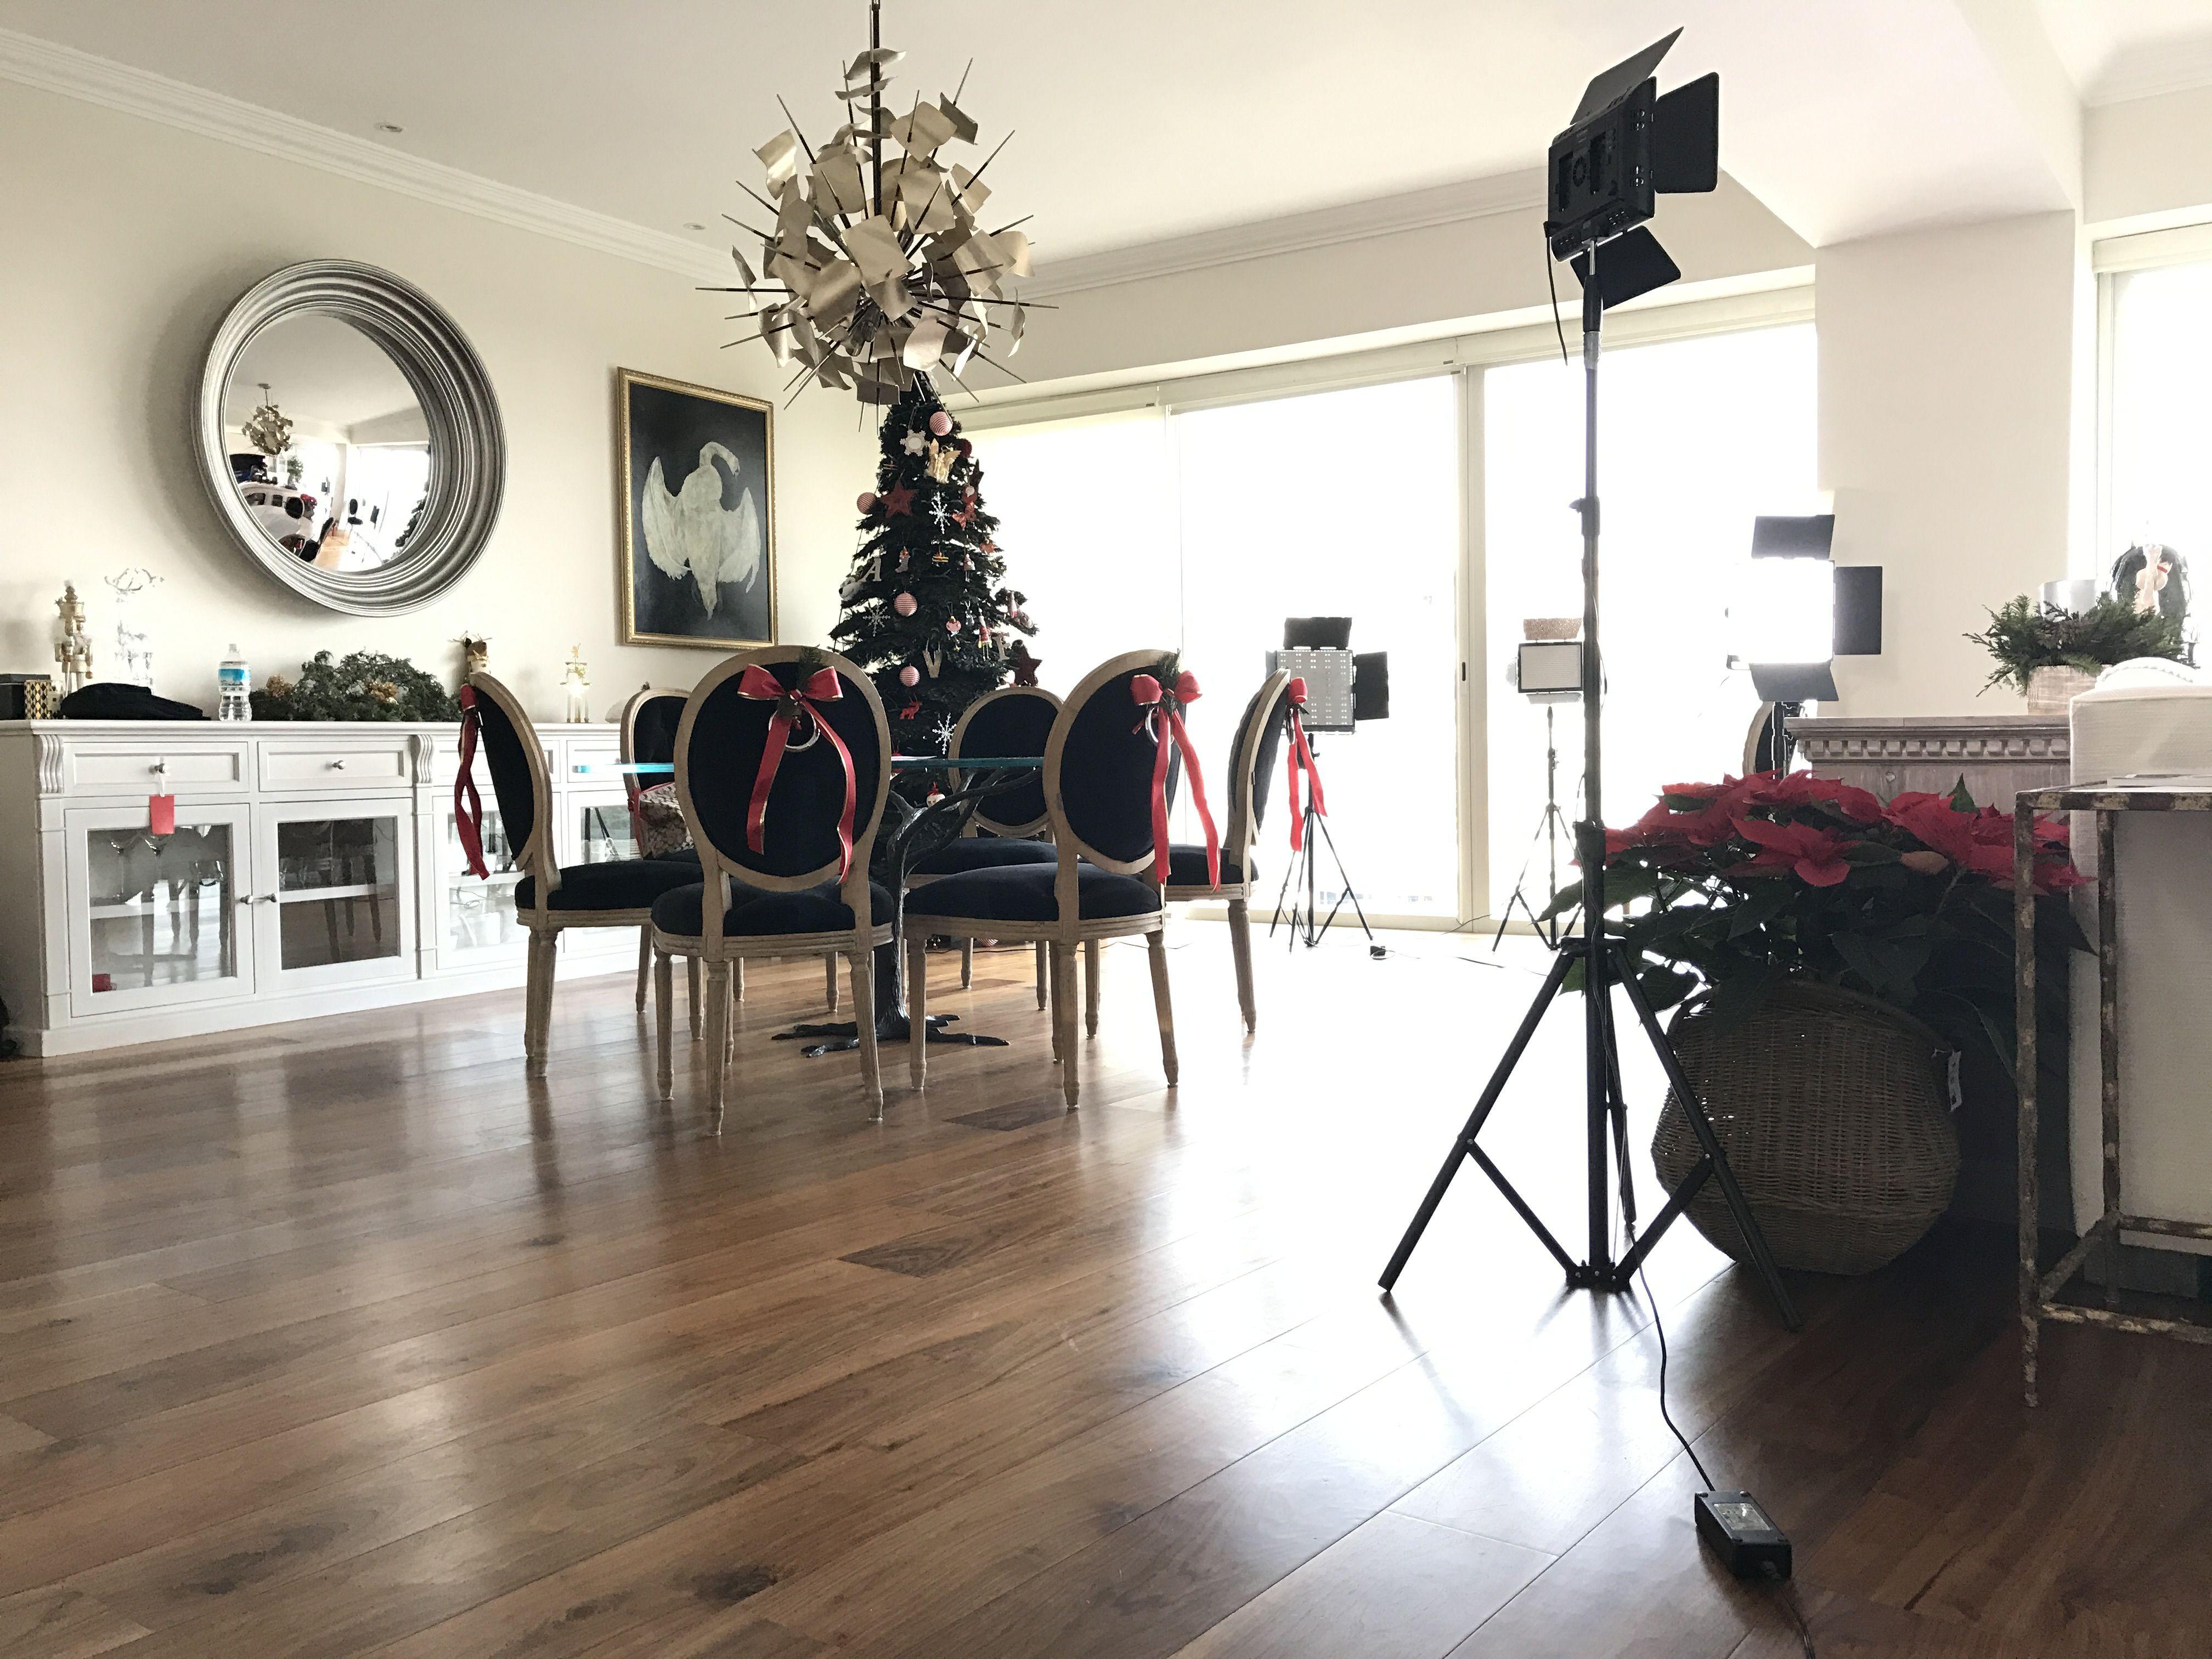 Decorando la casa de Navidad!! Comedor, árbol navideño... que ...